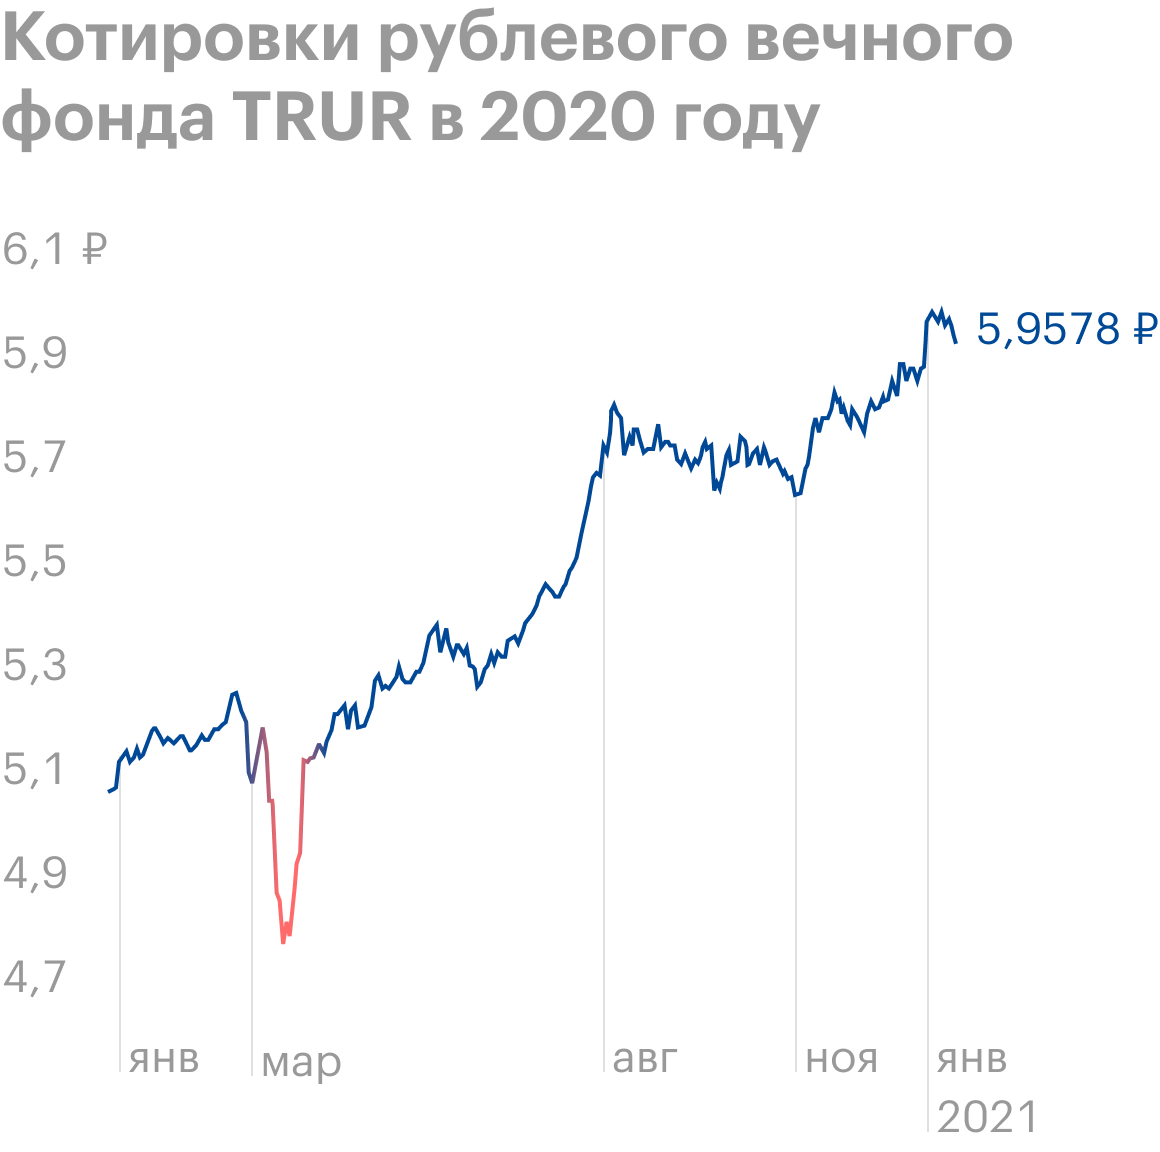 В марте паи фонда подешевели примерно на 9%, а к середине апреля восстановились. Еслибы инвесткопилка тогда уже работала, сумма в ней временно уменьшиласьбы. Источник: Tradingview